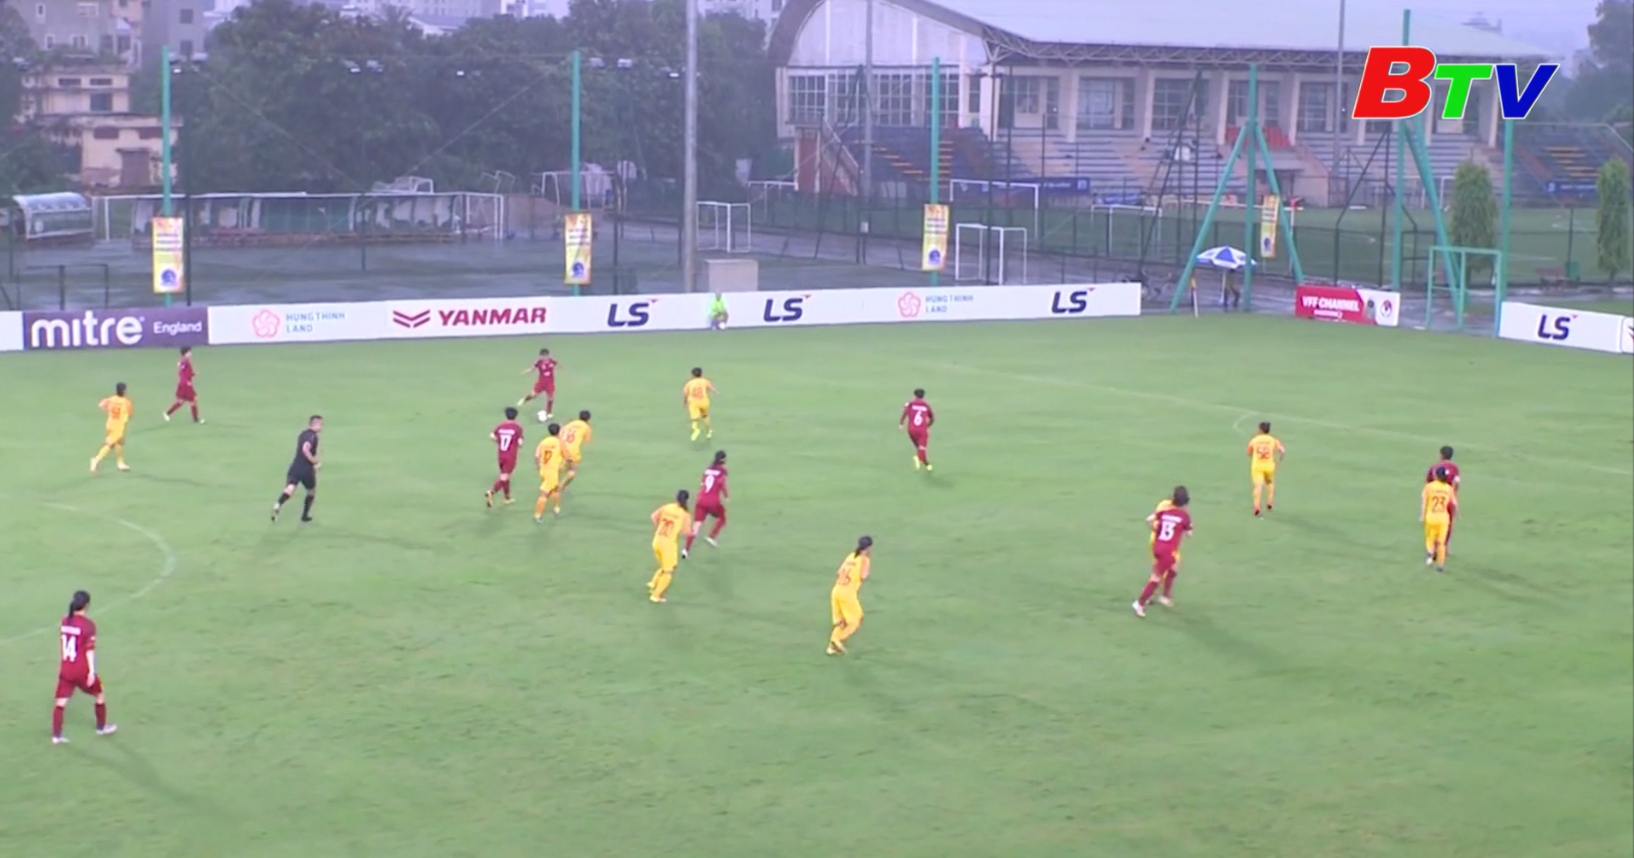 VFF điều chỉnh lịch thi đấu Giải nữ vô địch Quốc gia - Cúp Thái Sơn Bắc